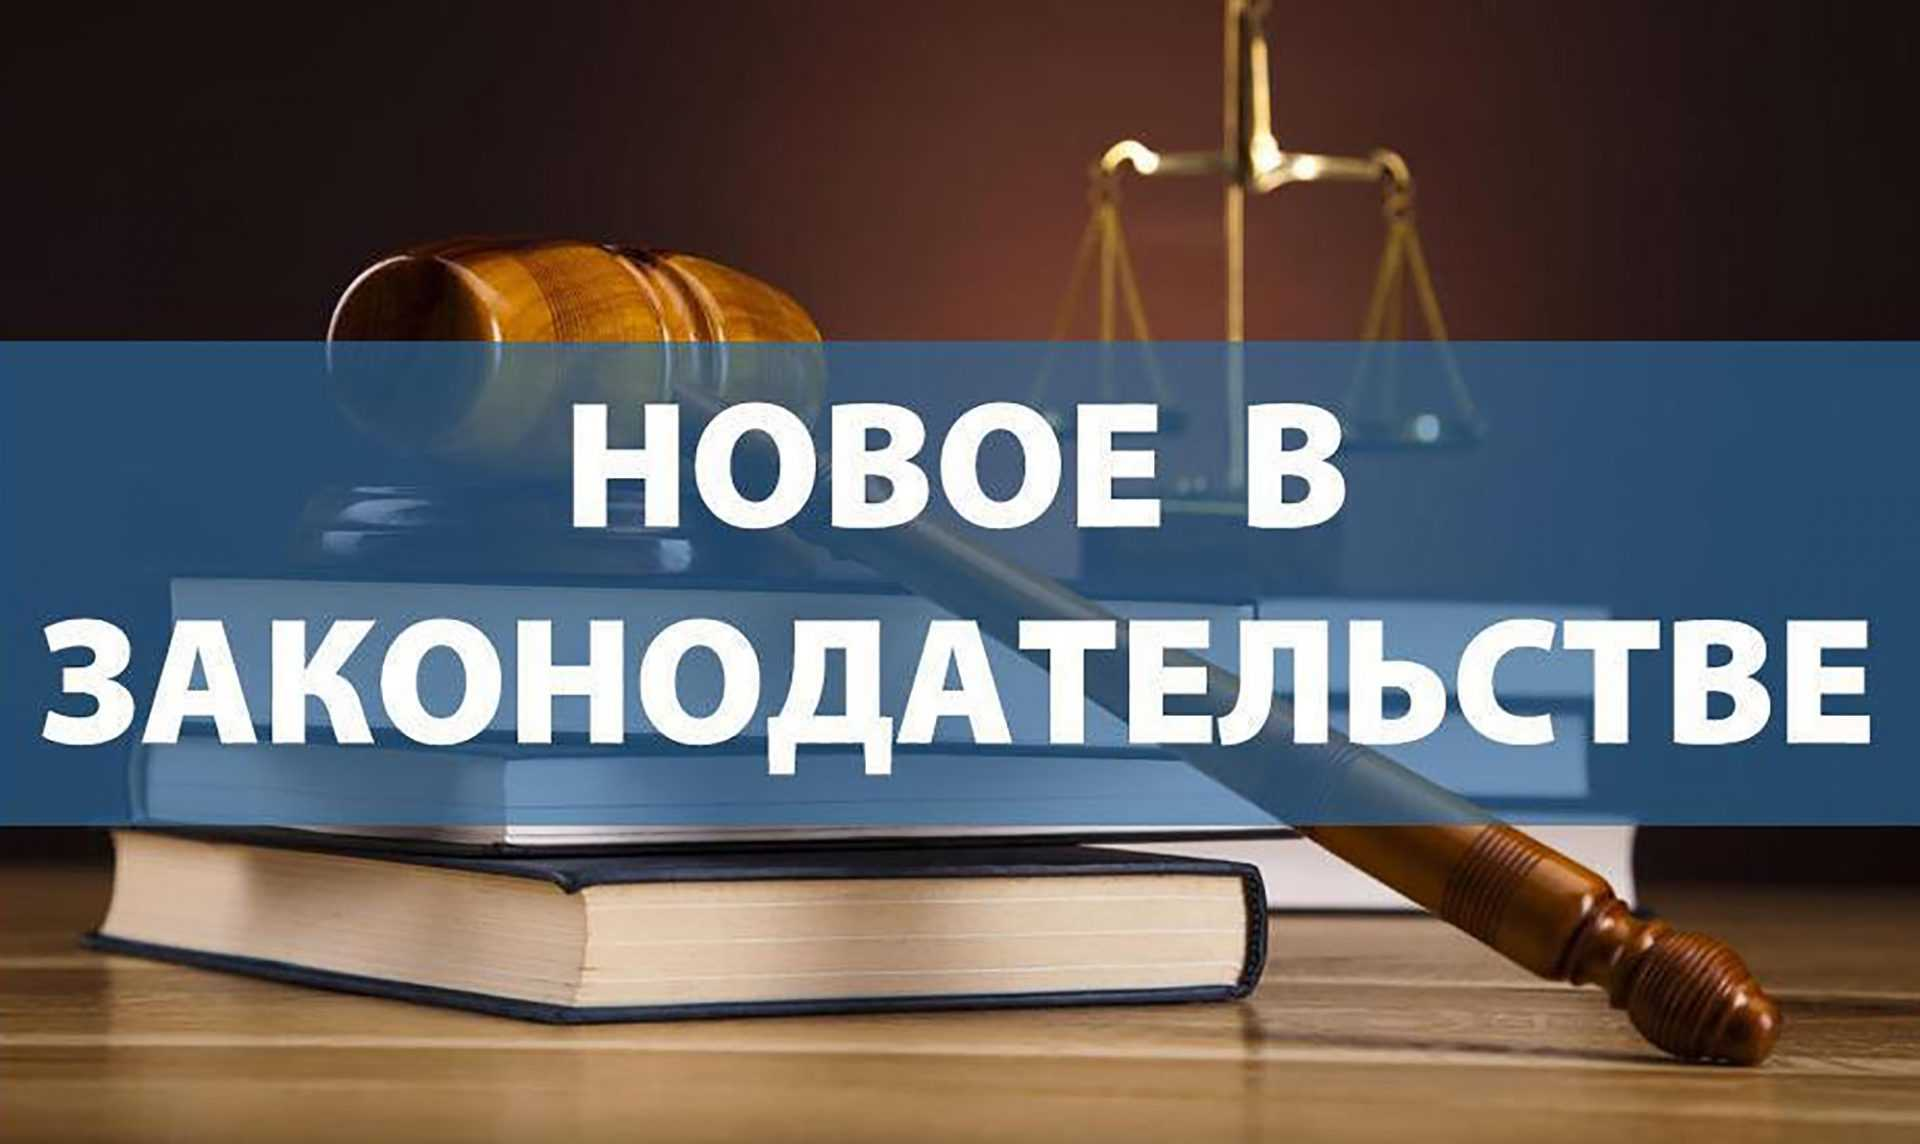 Обзор изменений Российского законодательства в сфере электроэнергетики (19.04.2021 — 25.04.2021)